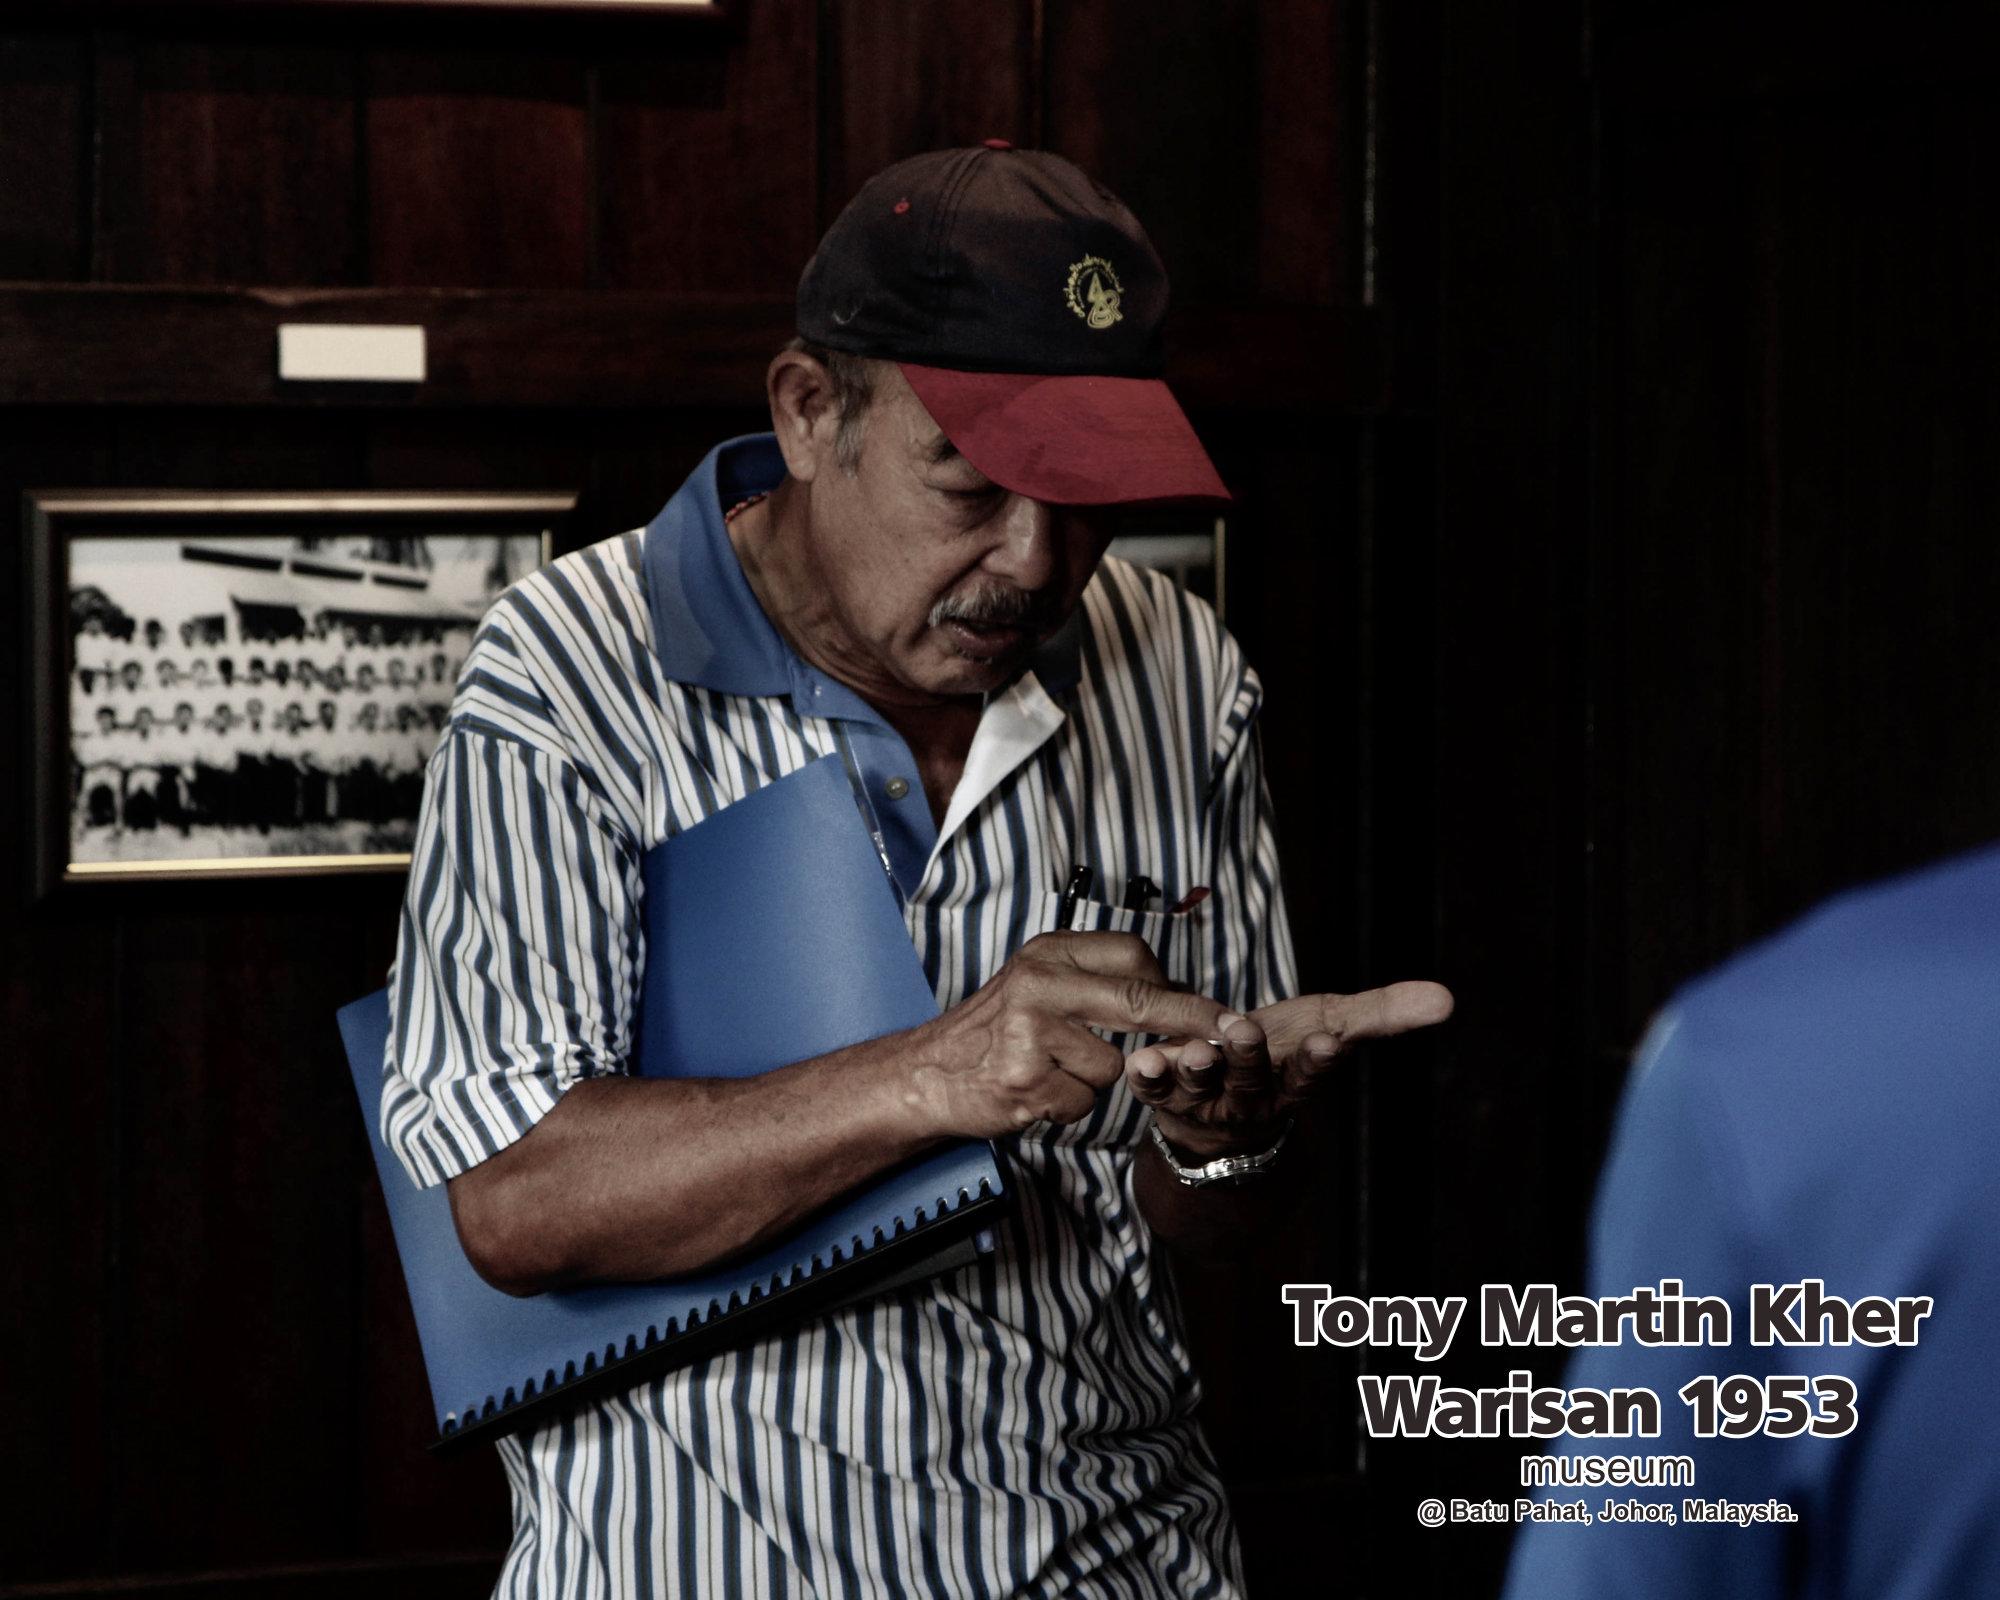 Tony Martin Kher founder of Warisan 1953 Museum at Batu Pahat Johor Malaysia Heritage 1953 Artist Joey Kher A32